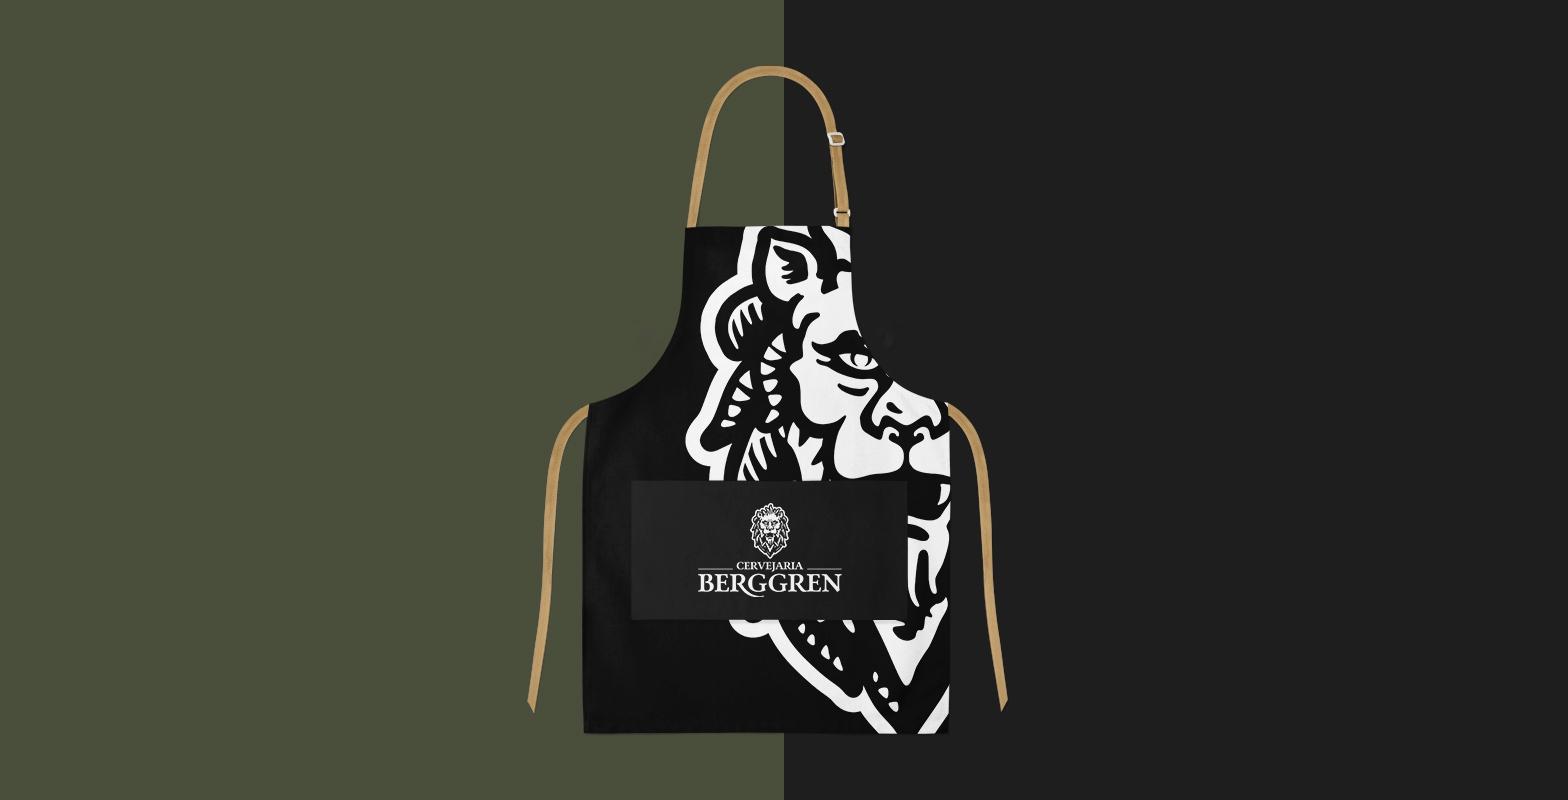 Berggren Bier - Identidade visual e Branding (4)